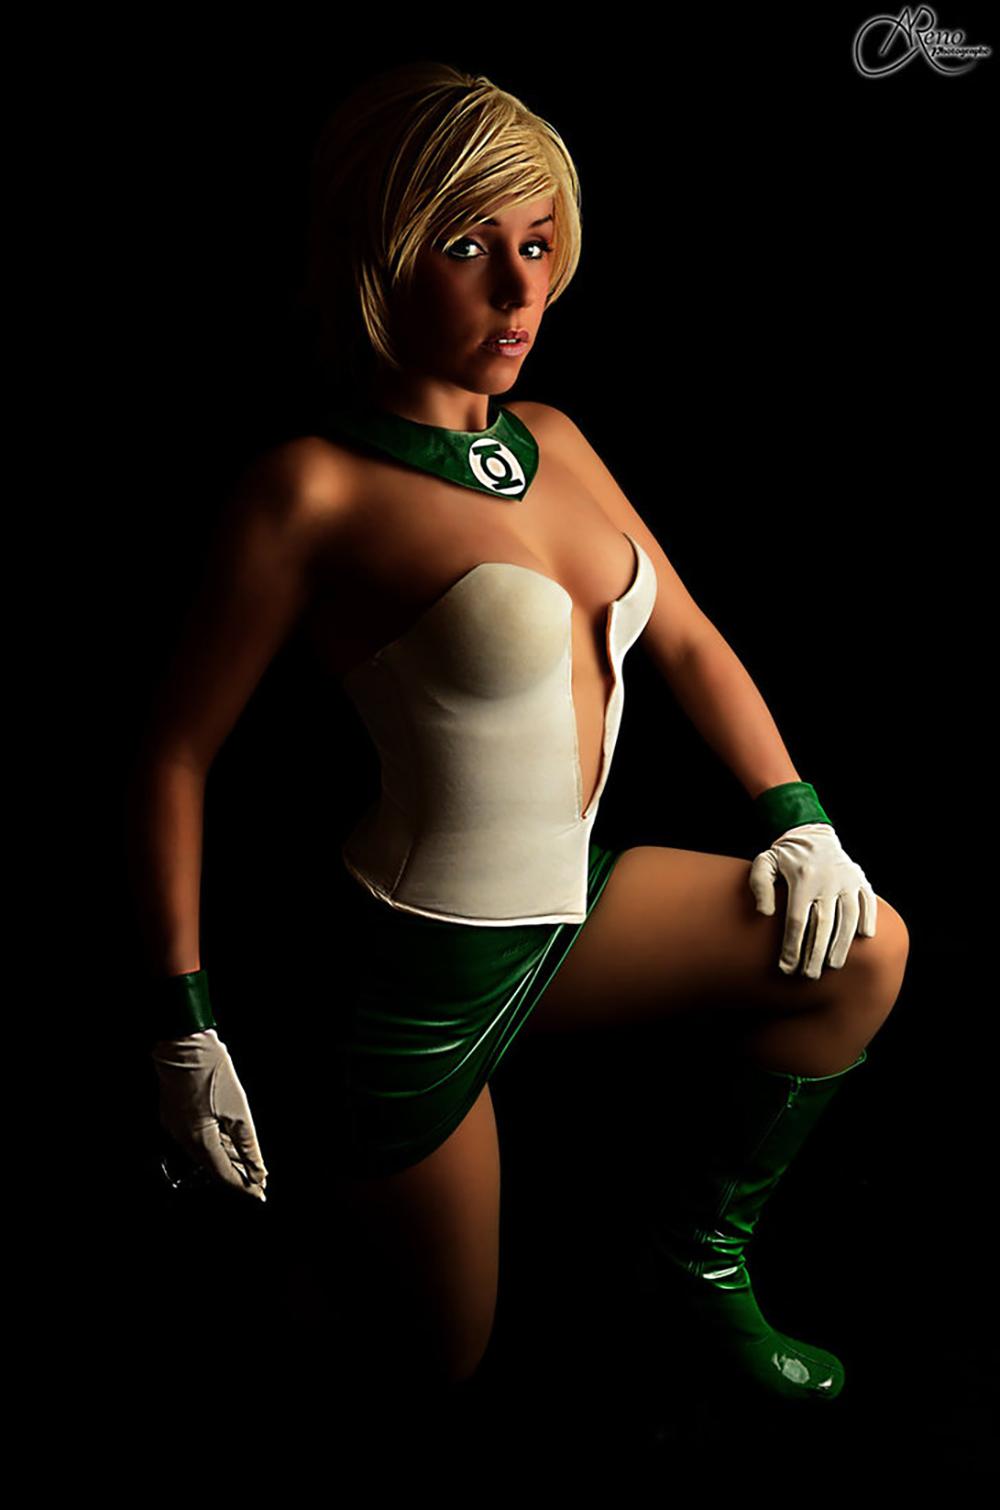 Arisa Green Lantern Cosplay clefchan